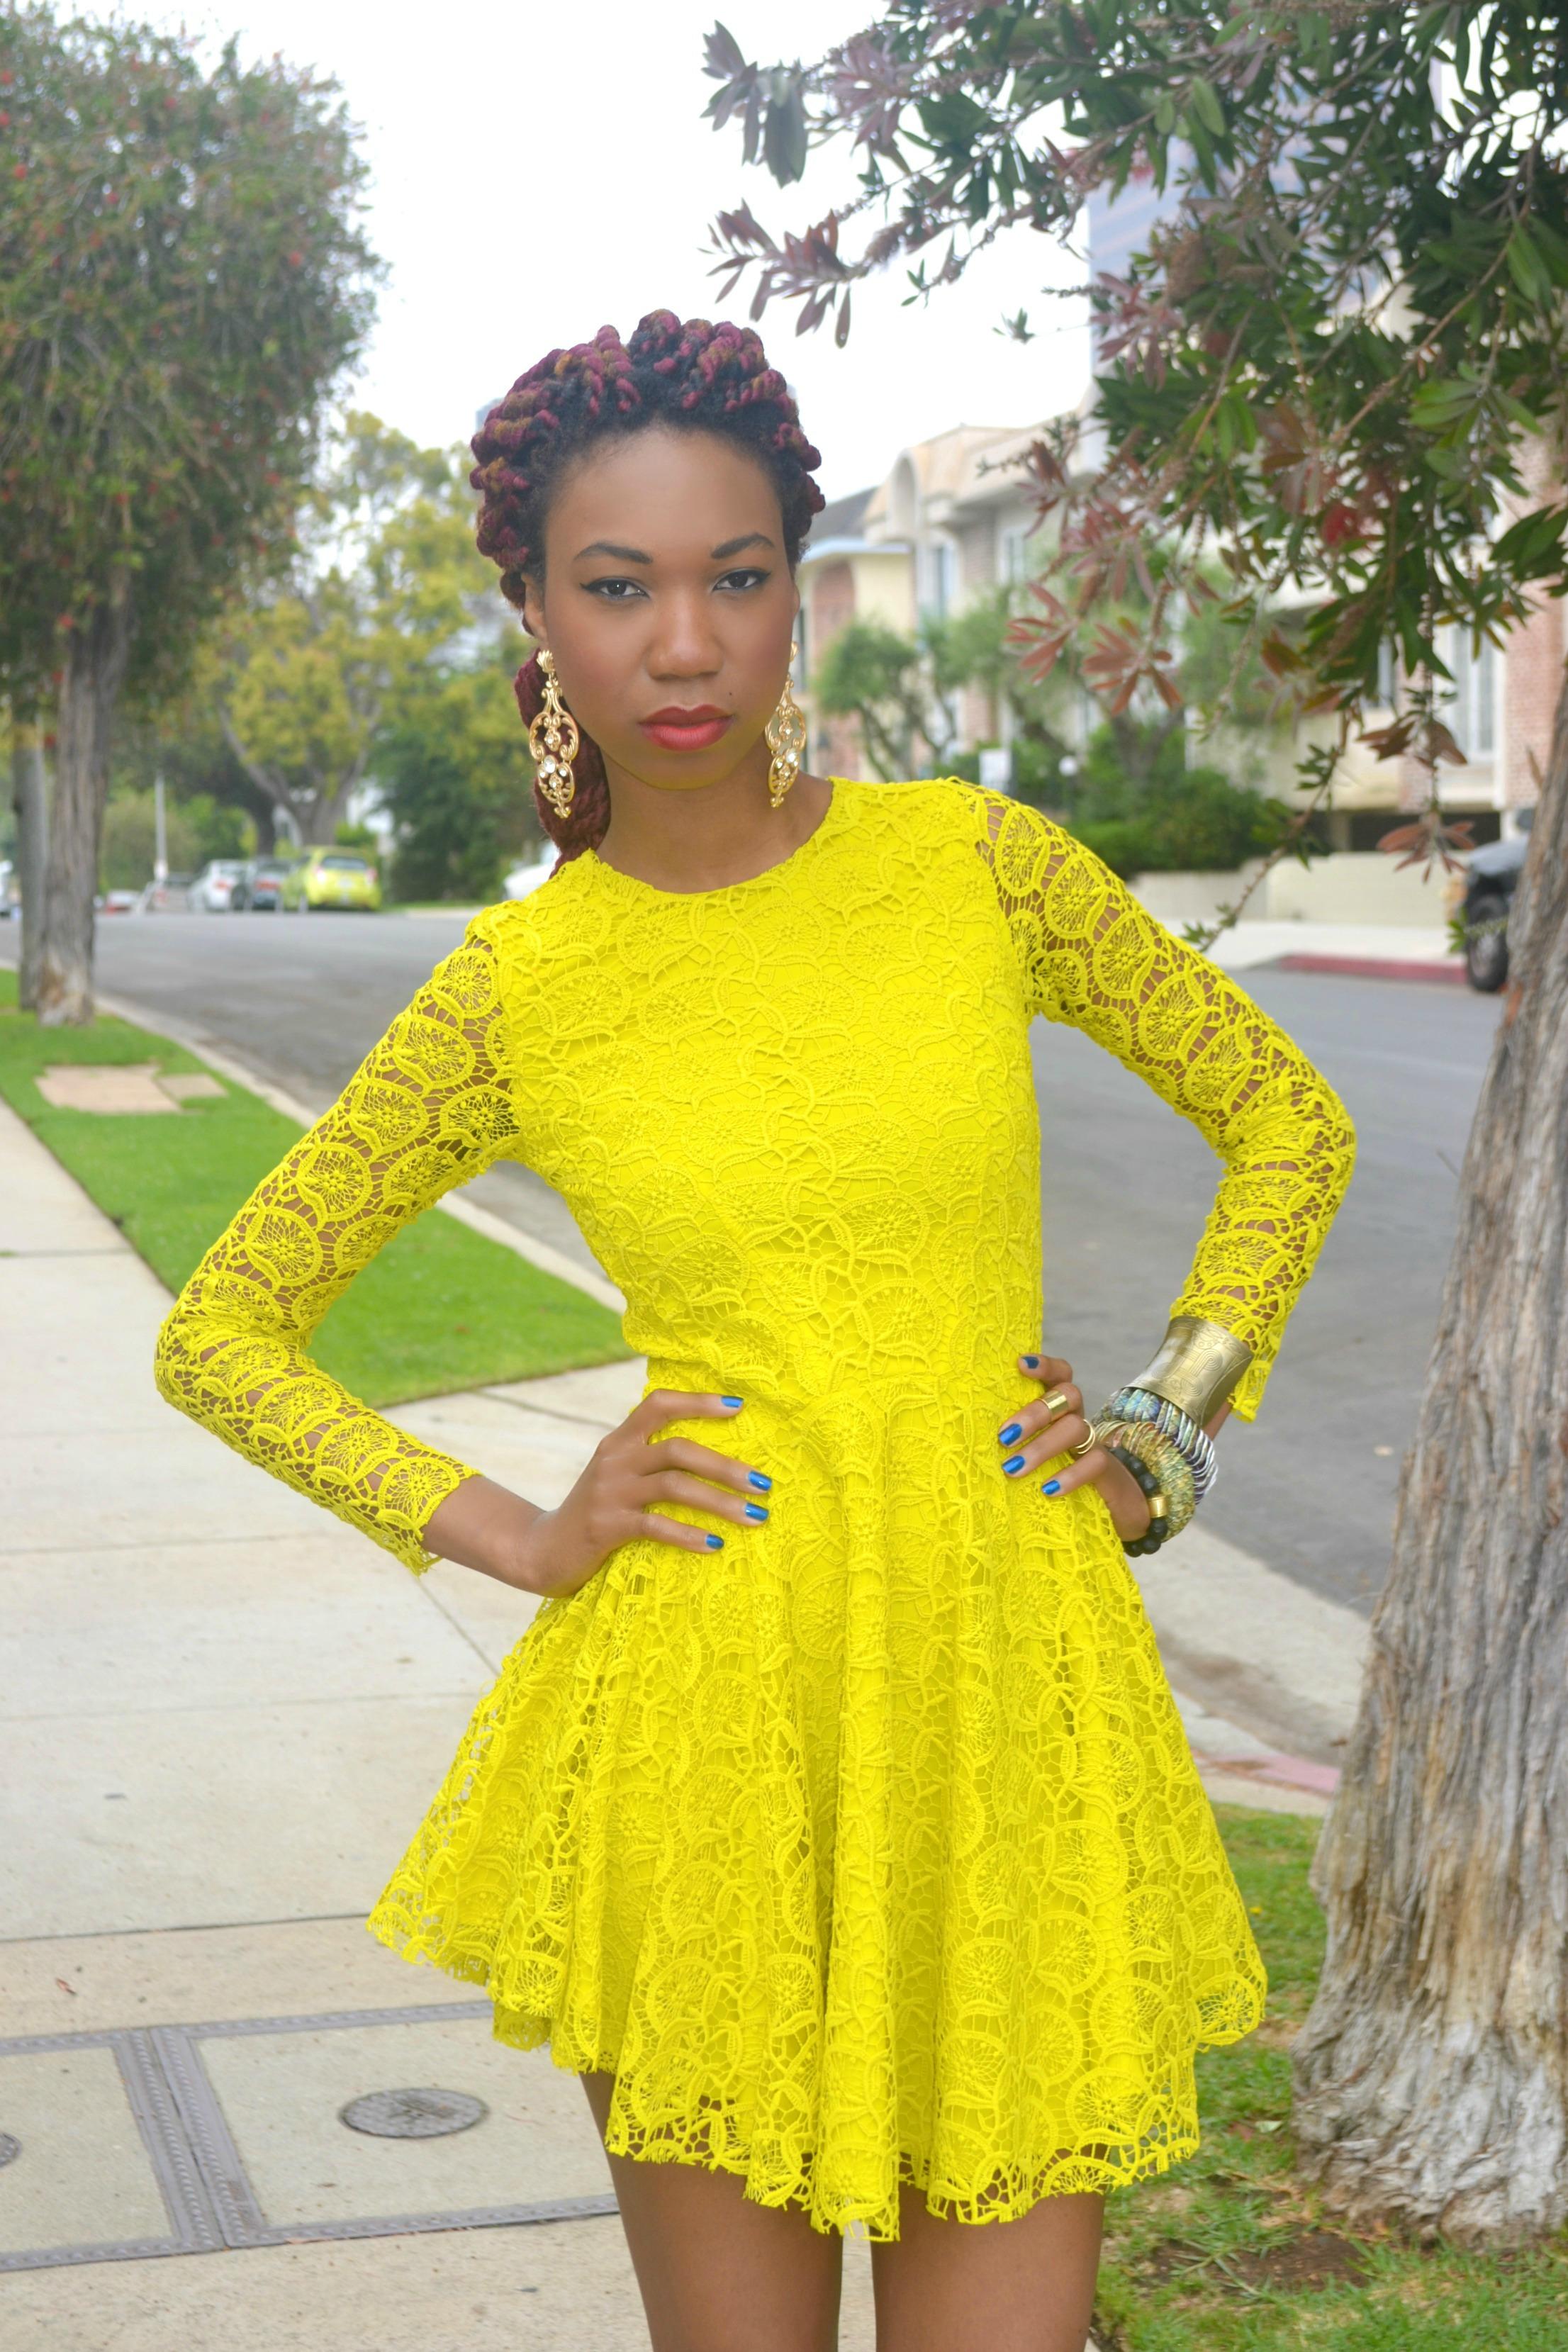 H&m Circle Lace Dress